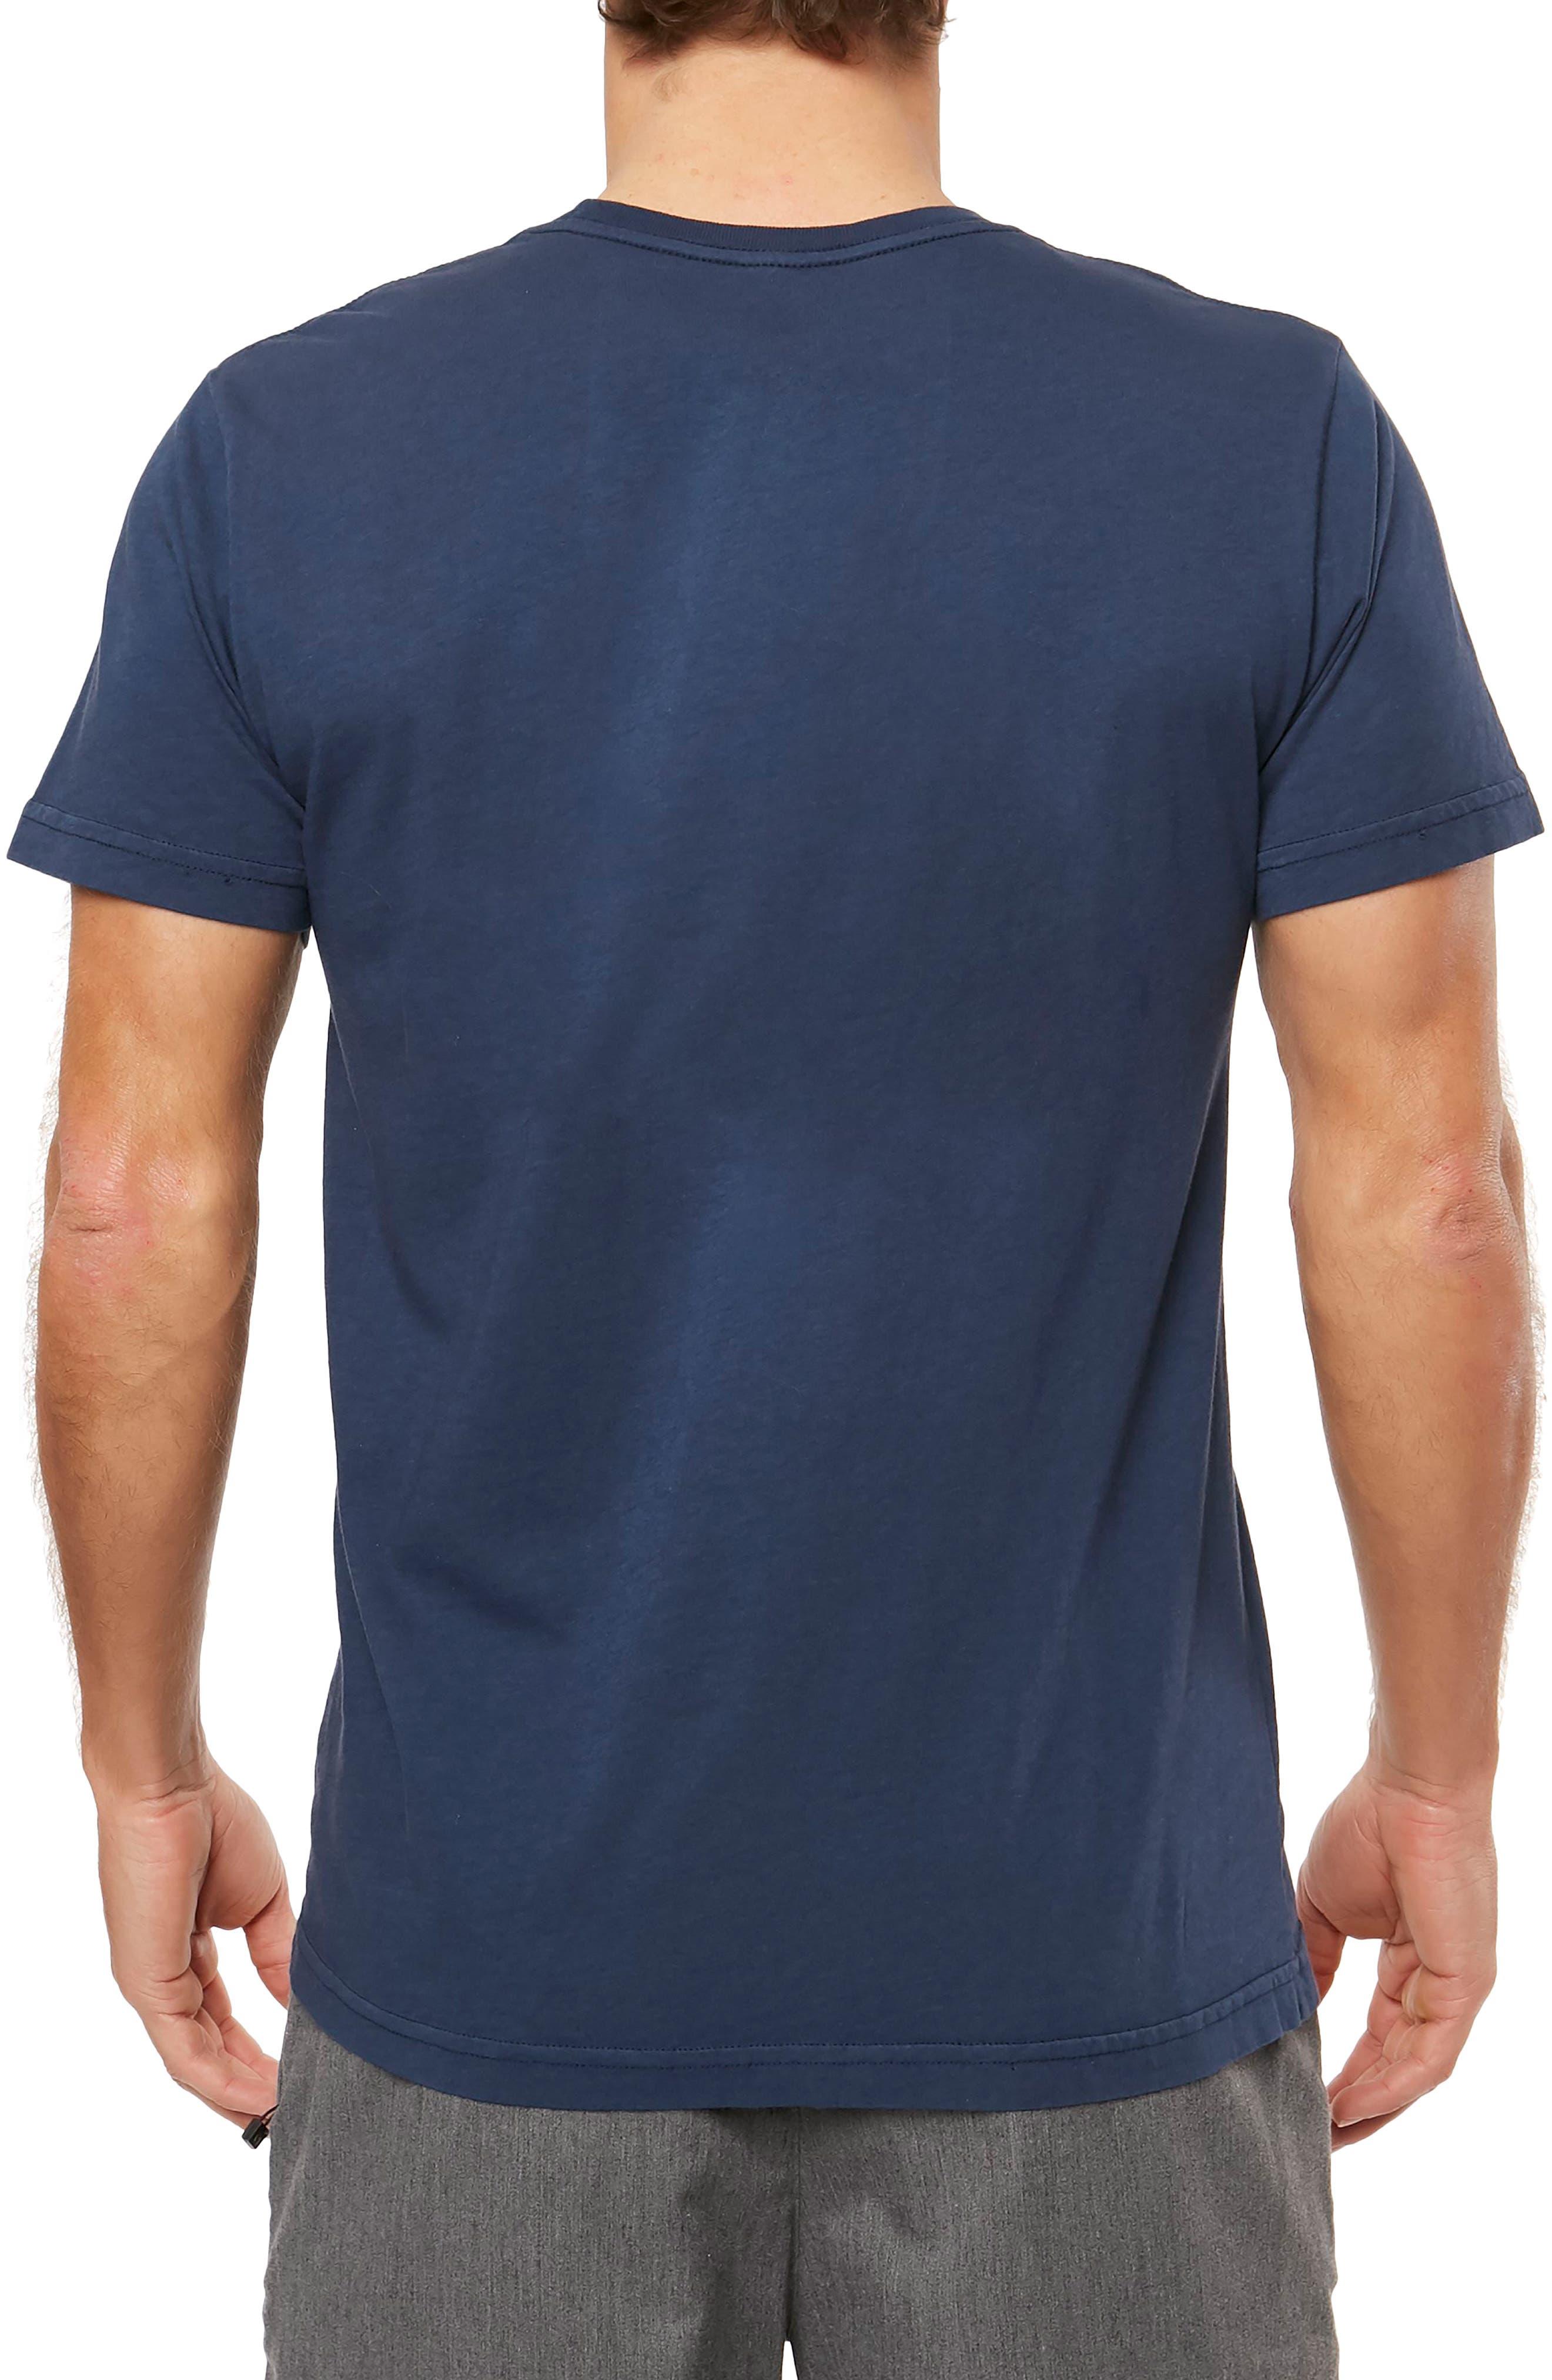 Raise Up Graphic T-Shirt,                             Alternate thumbnail 2, color,